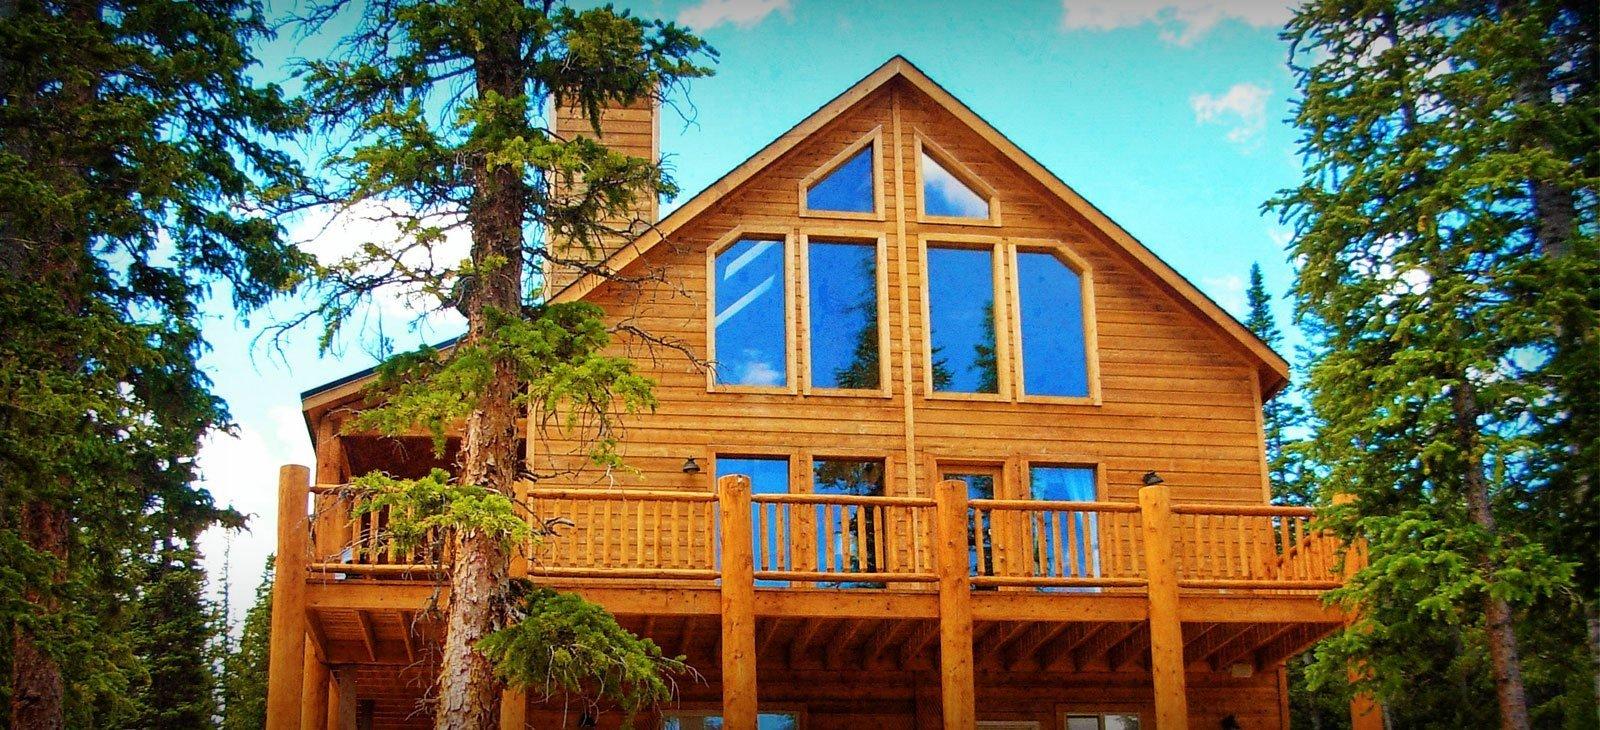 Colorado homes with timber frame design